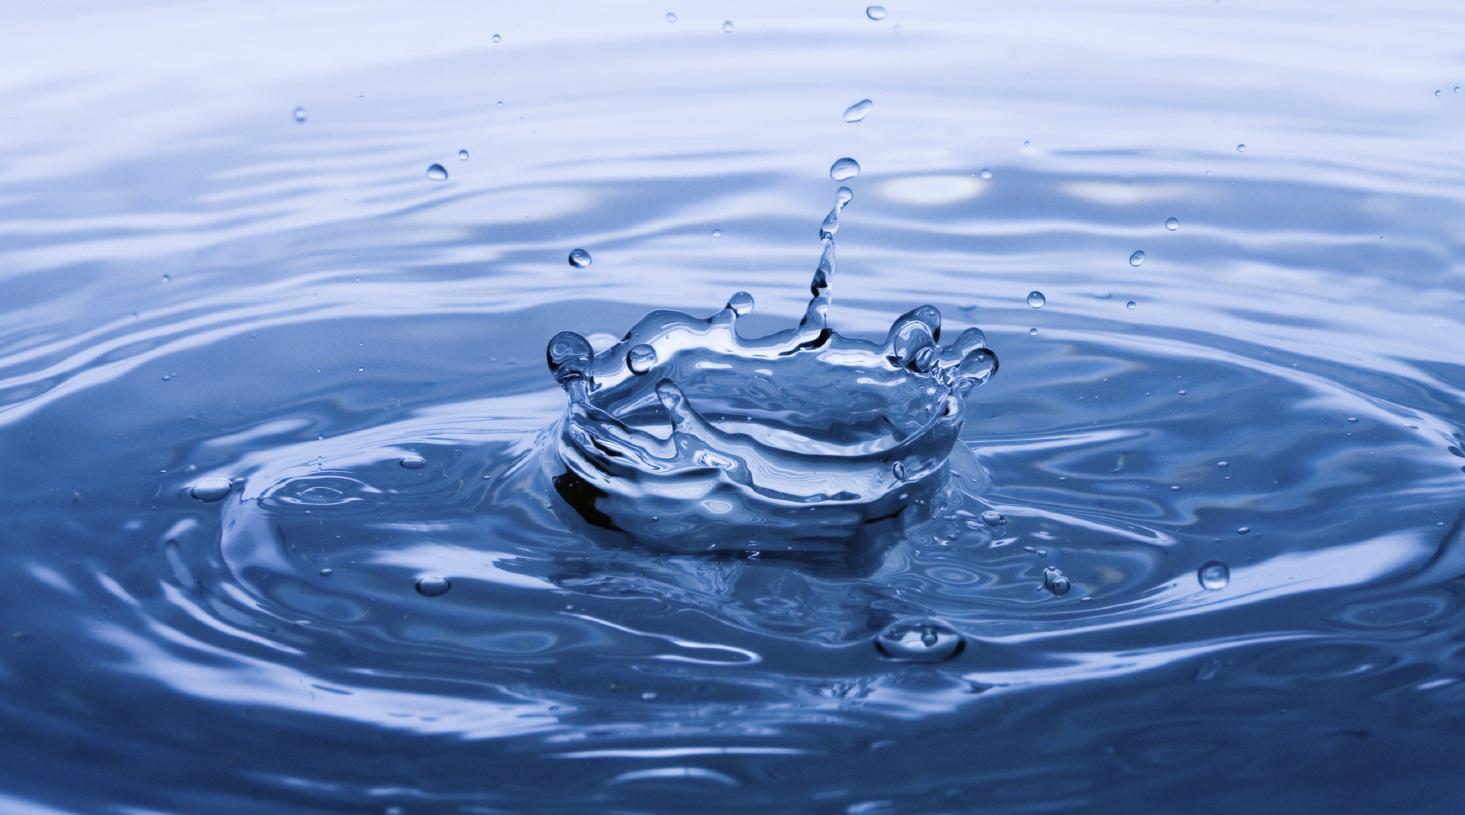 Компания АЛРОСА поможет в обеспечении жителей вилюйской группы районов чистой водой